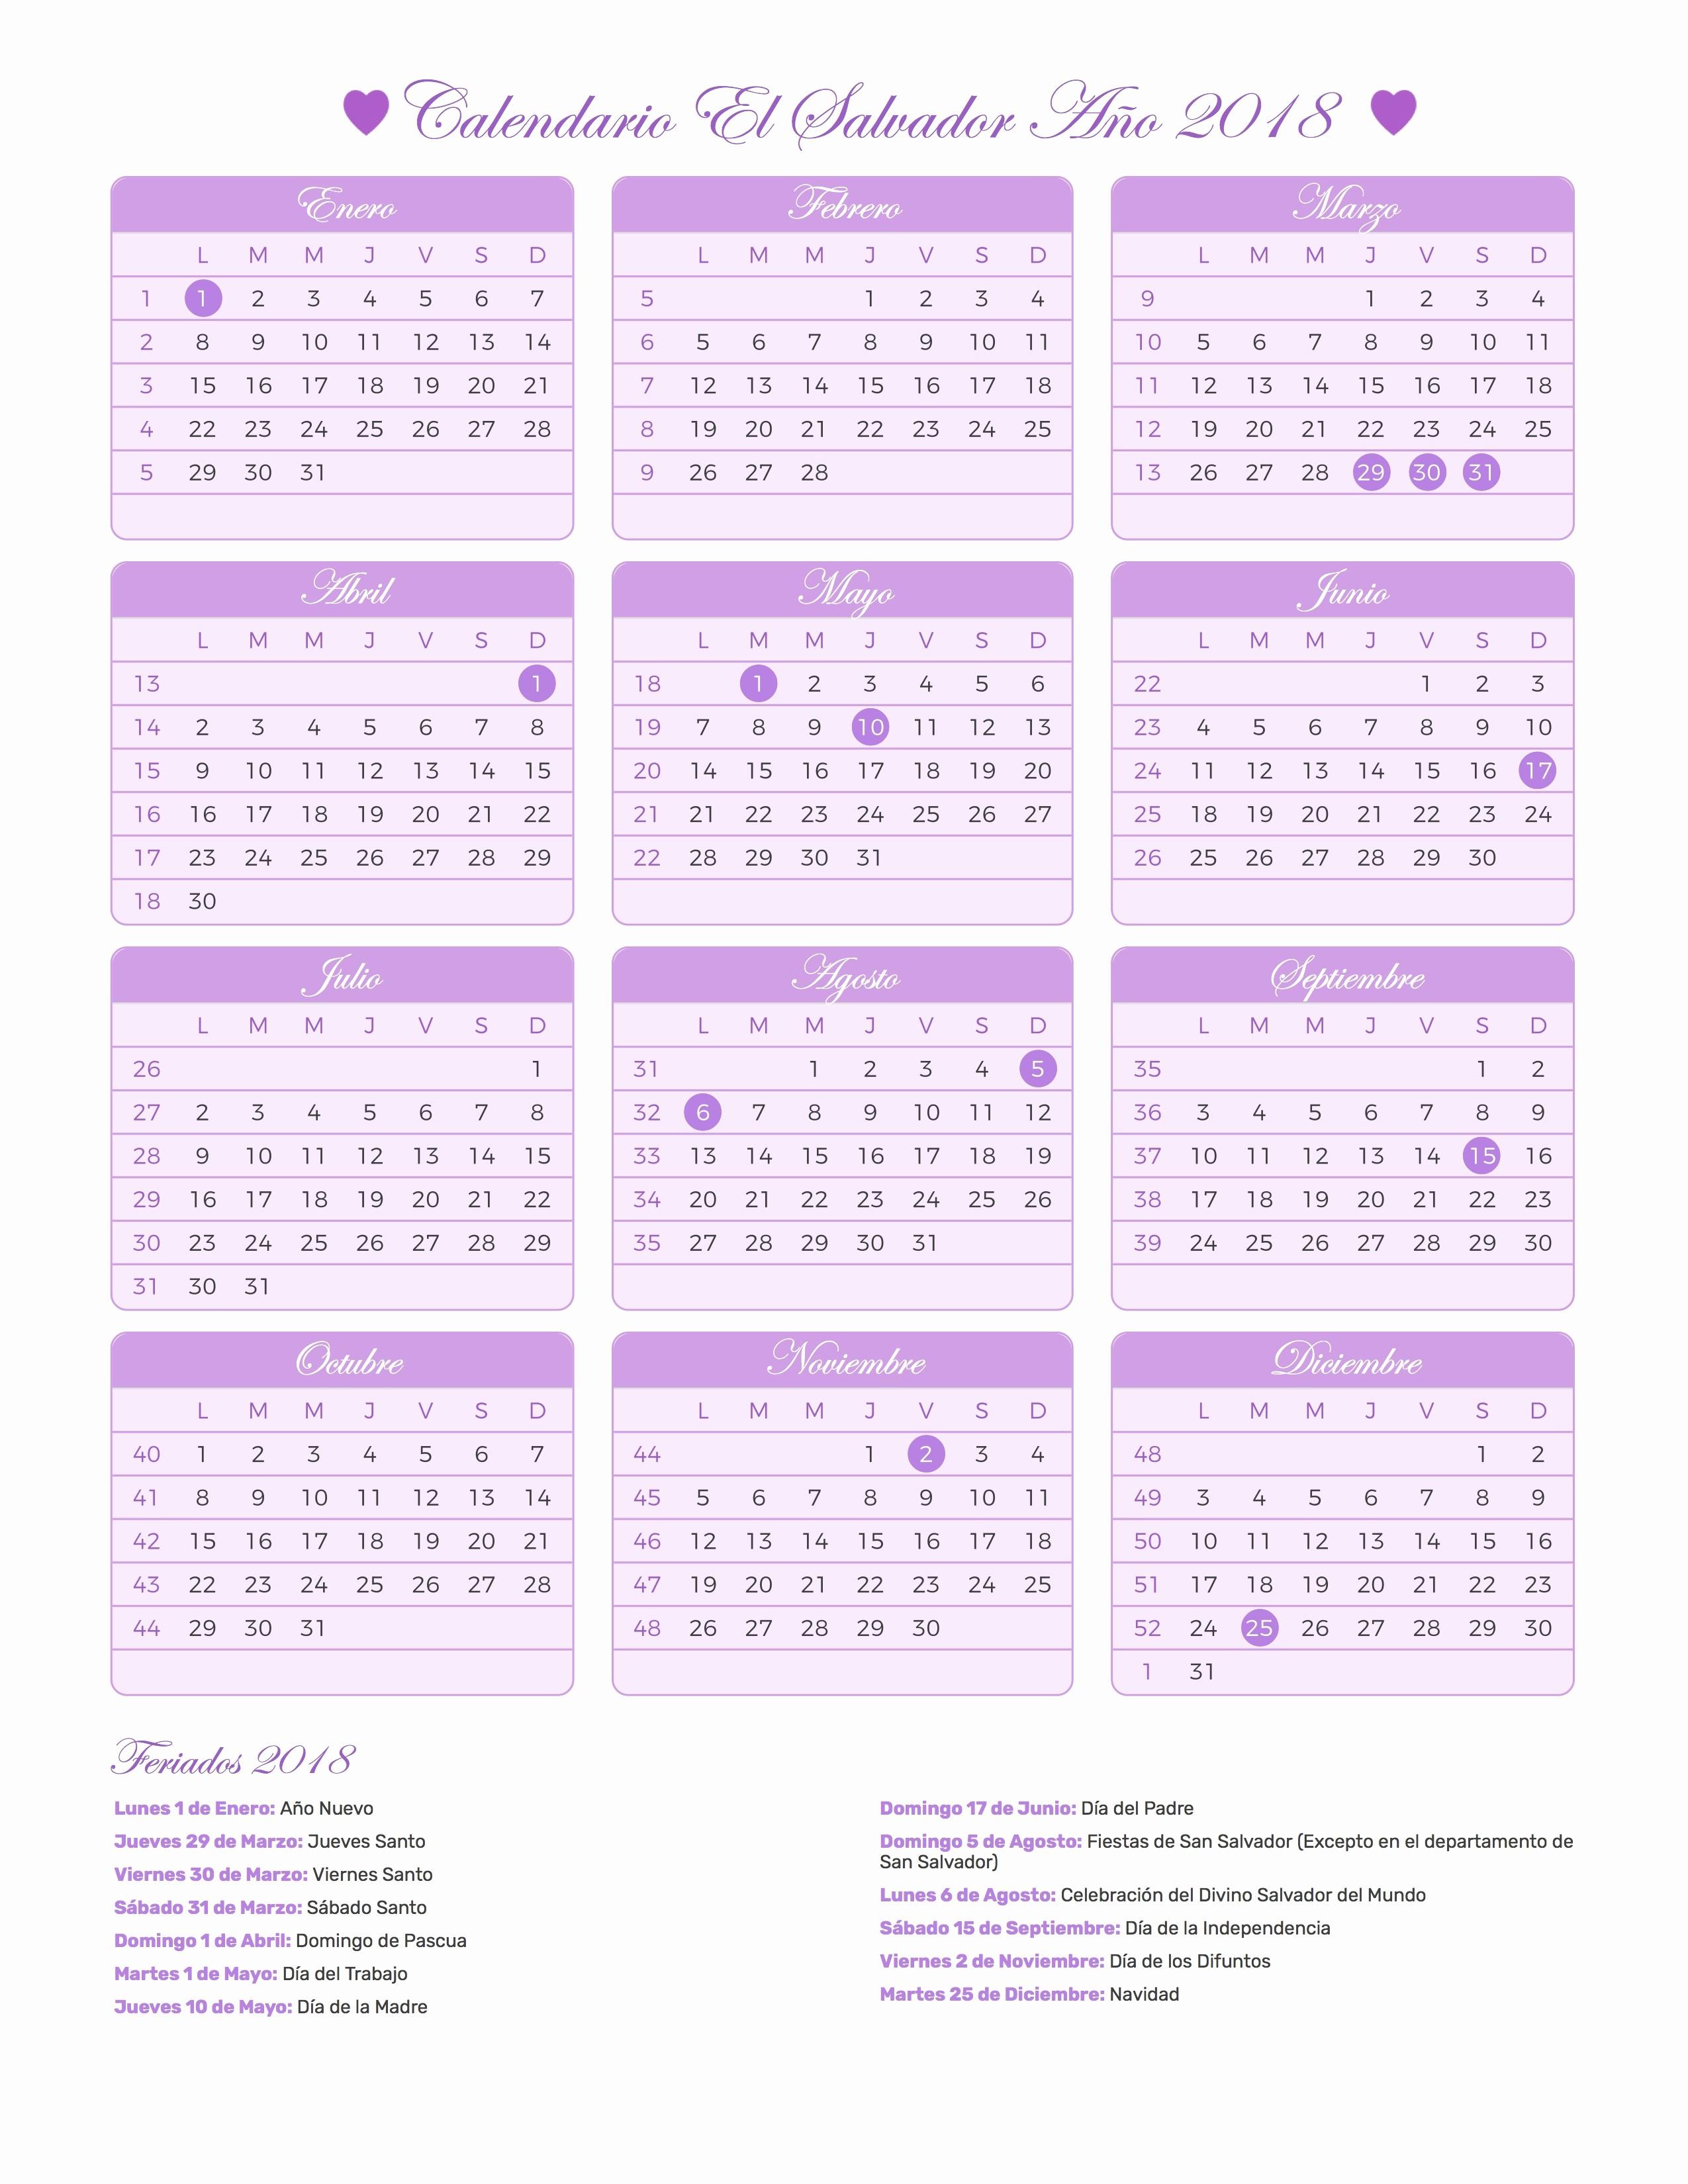 Cada Cuanto Se Repiten Los Calendarios 2019 Calendario El Salvador Ano 2018 Feriados